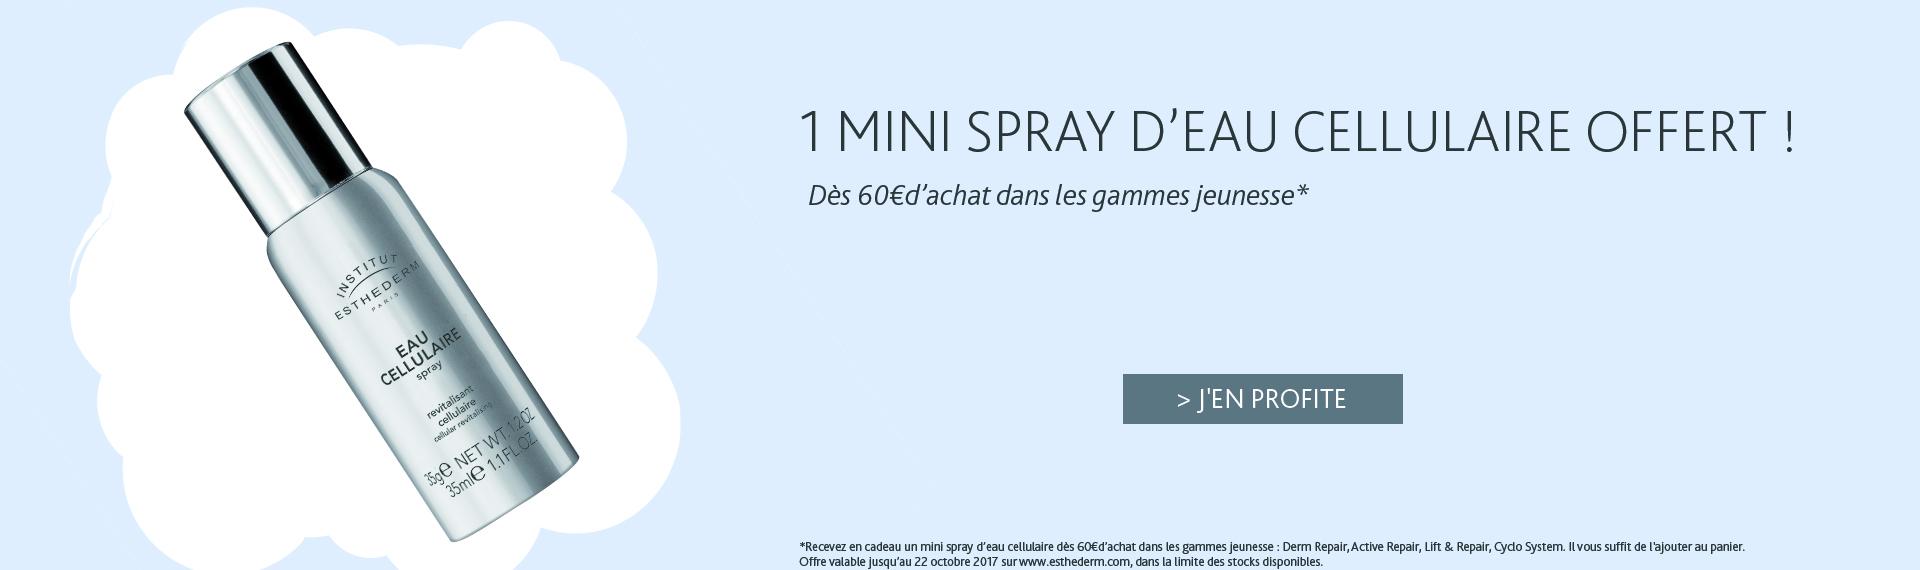 Offre octobre 2017 mini spray eau cellulaire | Institut Esthederm